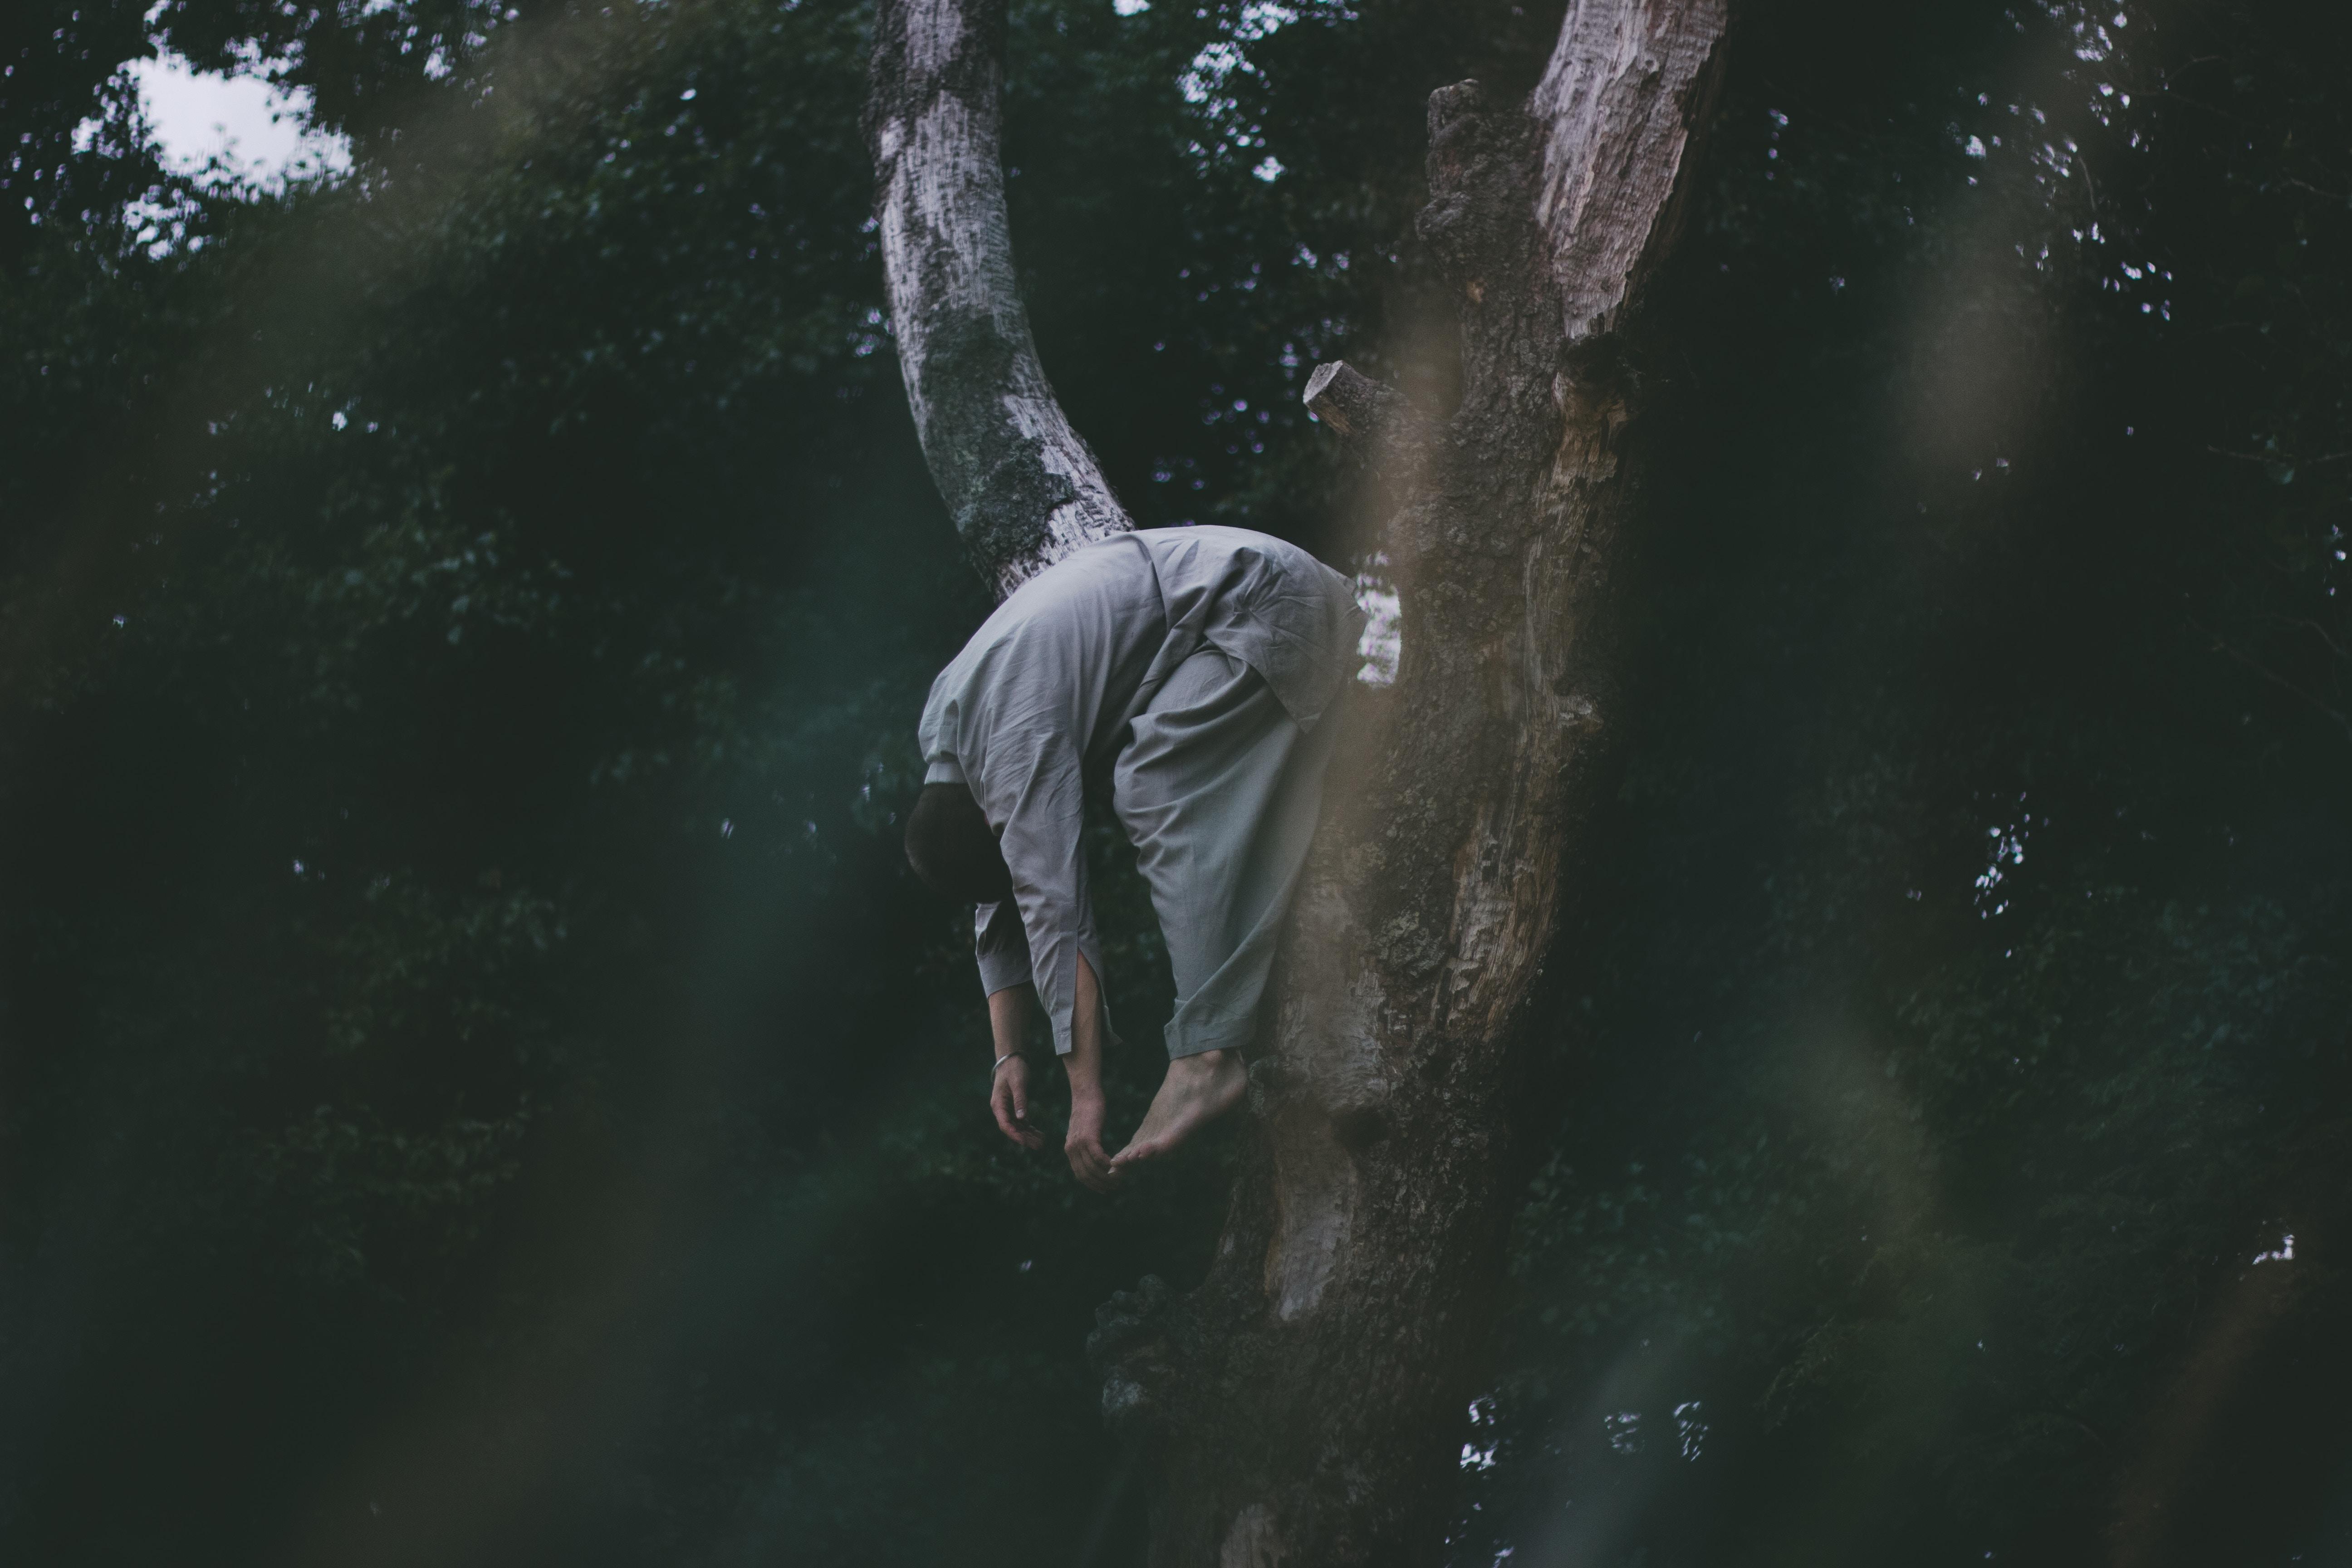 タロット占い吊るされた男正位置・逆位置で恋愛、復縁、片思い・浮気・出会いはどうなる?